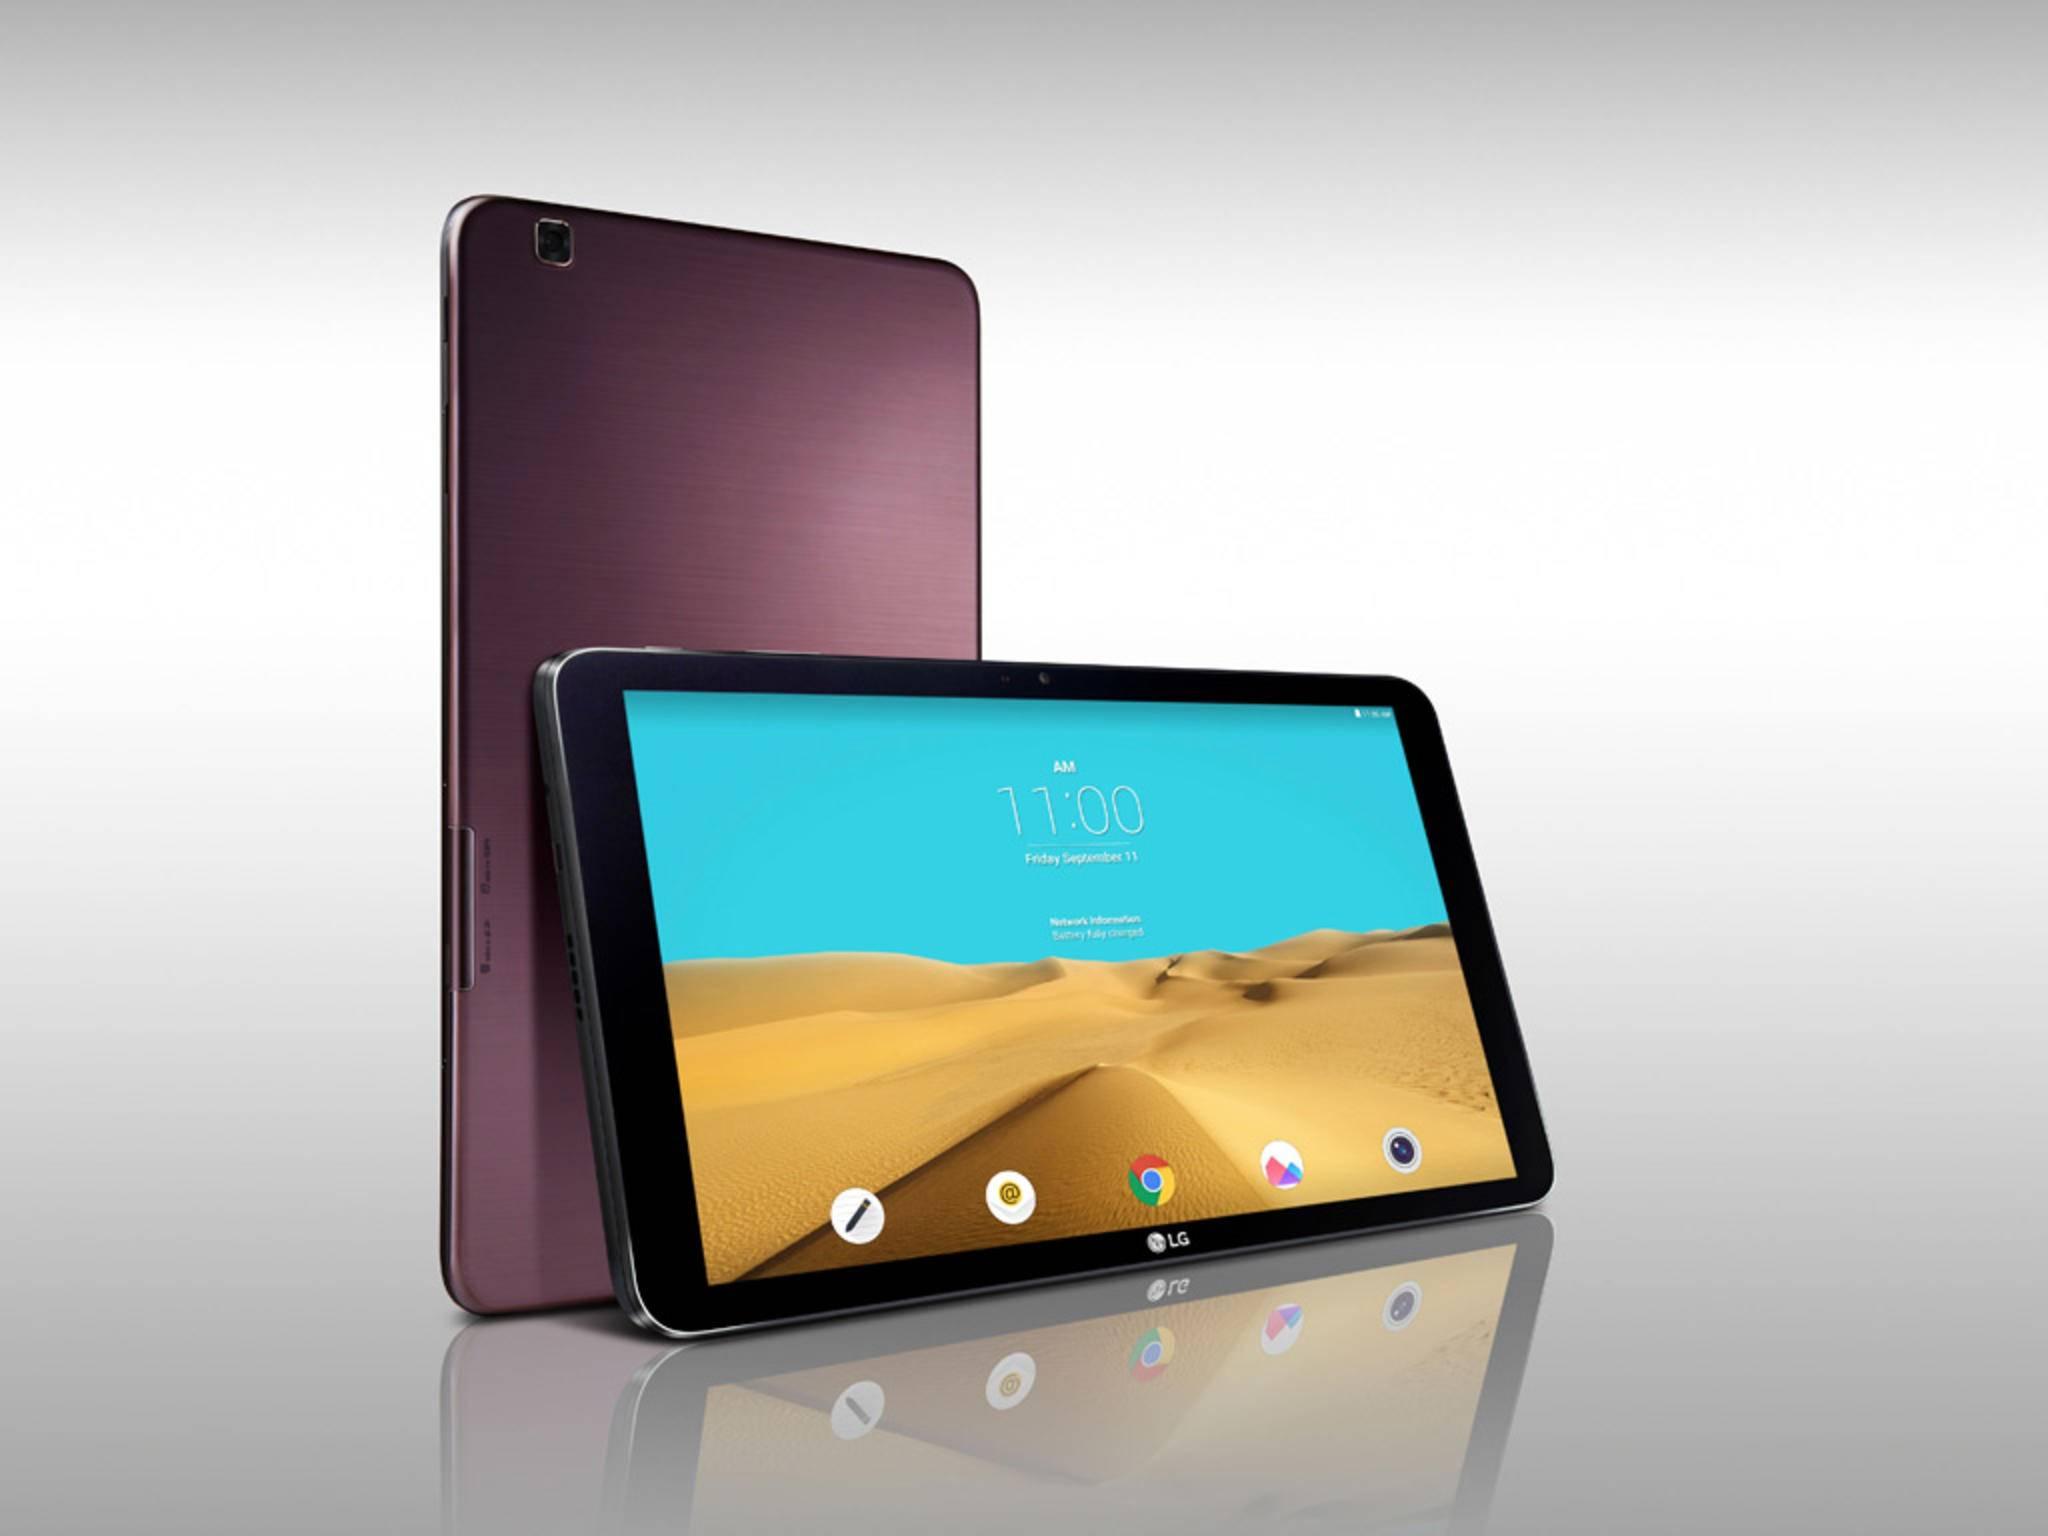 Das LG G Pad II setzt auf 10,1 Zoll Bildschirmdiagonale und wird auf der IFA vorgestellt.